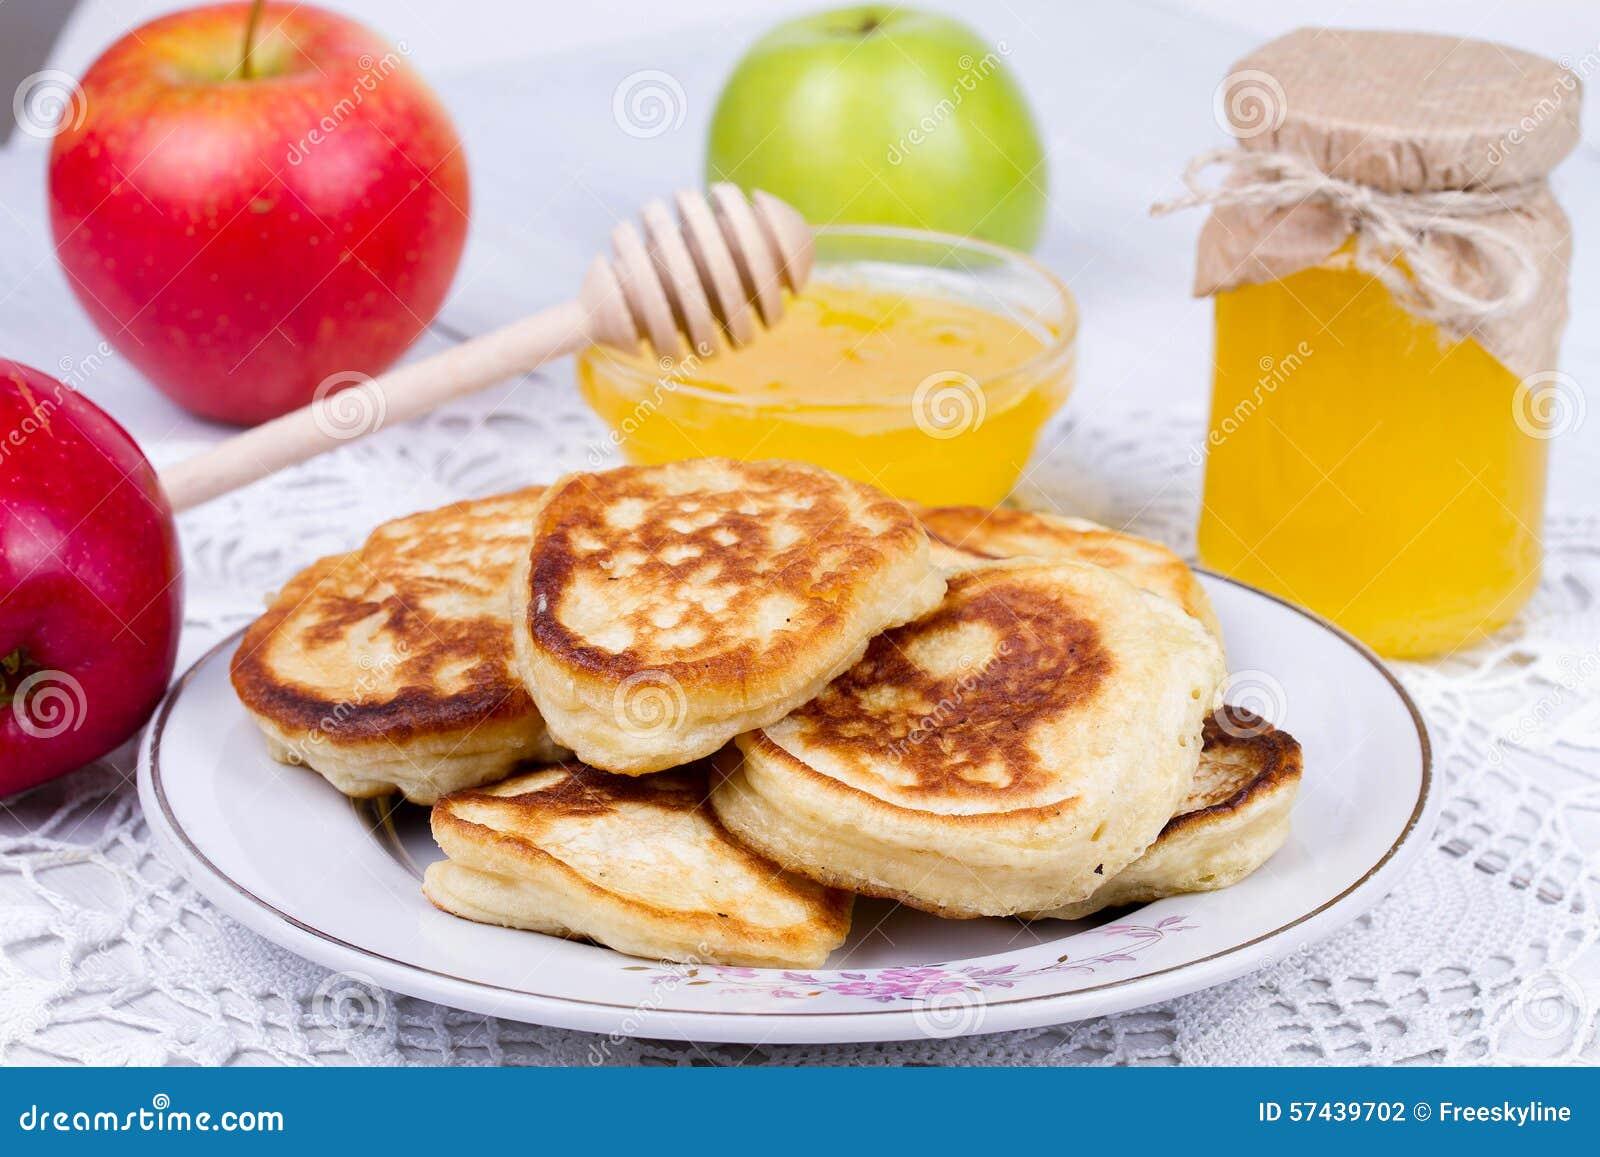 apple pfannkuchen mit milch und honig stockfoto bild von kuchen mahlzeit 57439702. Black Bedroom Furniture Sets. Home Design Ideas